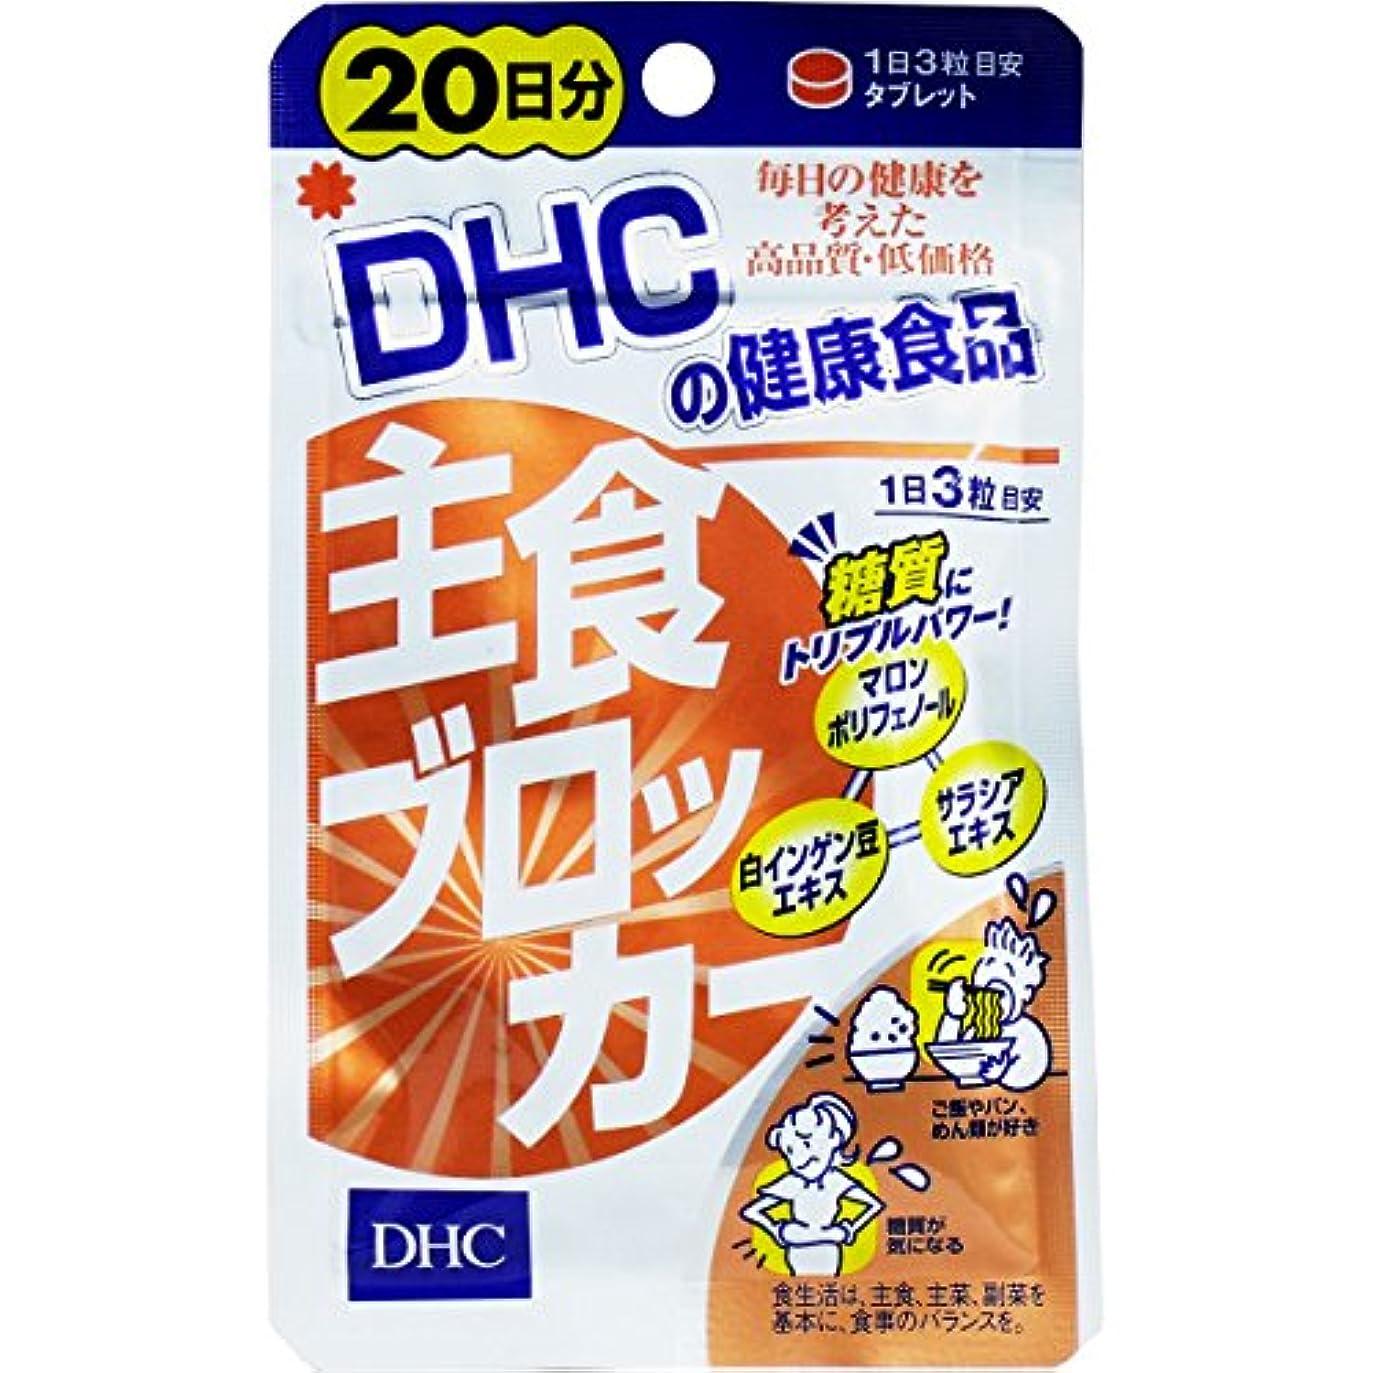 聞く決してバイナリ【DHC】主食ブロッカー 20日分 60粒 ×5個セット